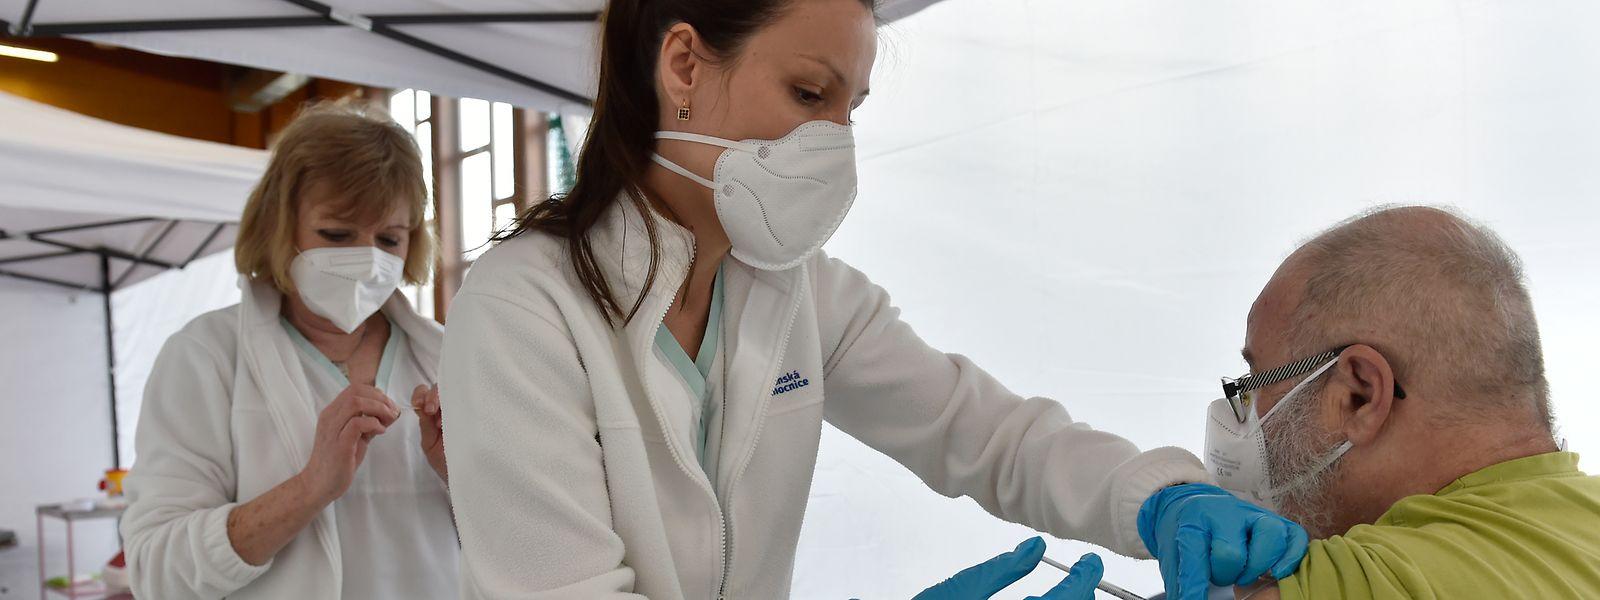 Avec le mois d'avril, a débuté la phase 4 de la campagne de vaccination au Luxembourg. C'est maintenant au tour des 65-69 ans d'être invités à recevoir les injections anti-covid.